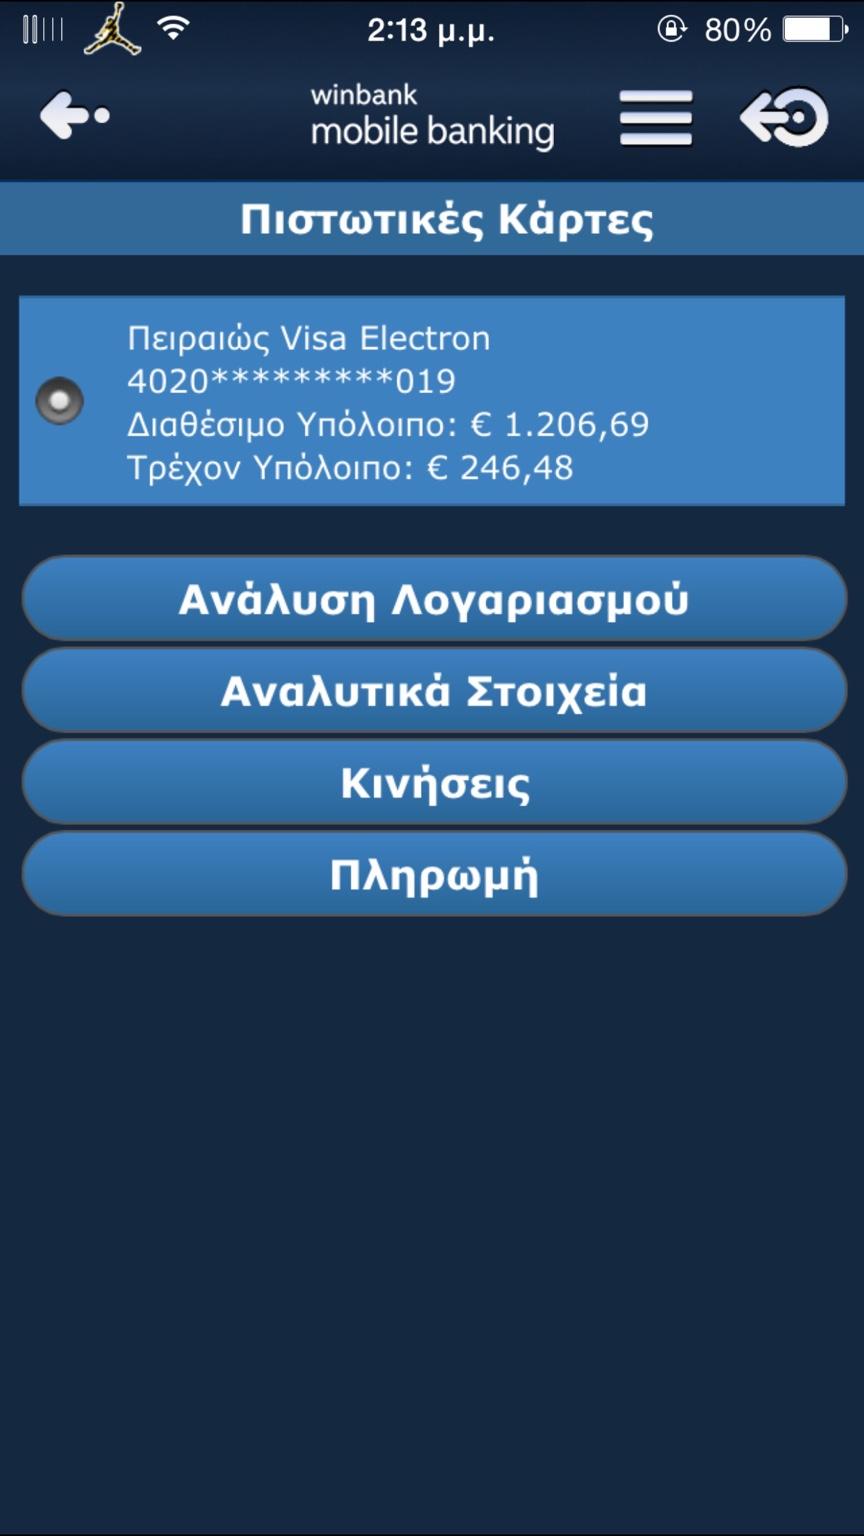 Πιστωτικές κάρτες Τράπεζες  Αρχείο  - Σελίδα 58 - myphone forum 299e4605af2